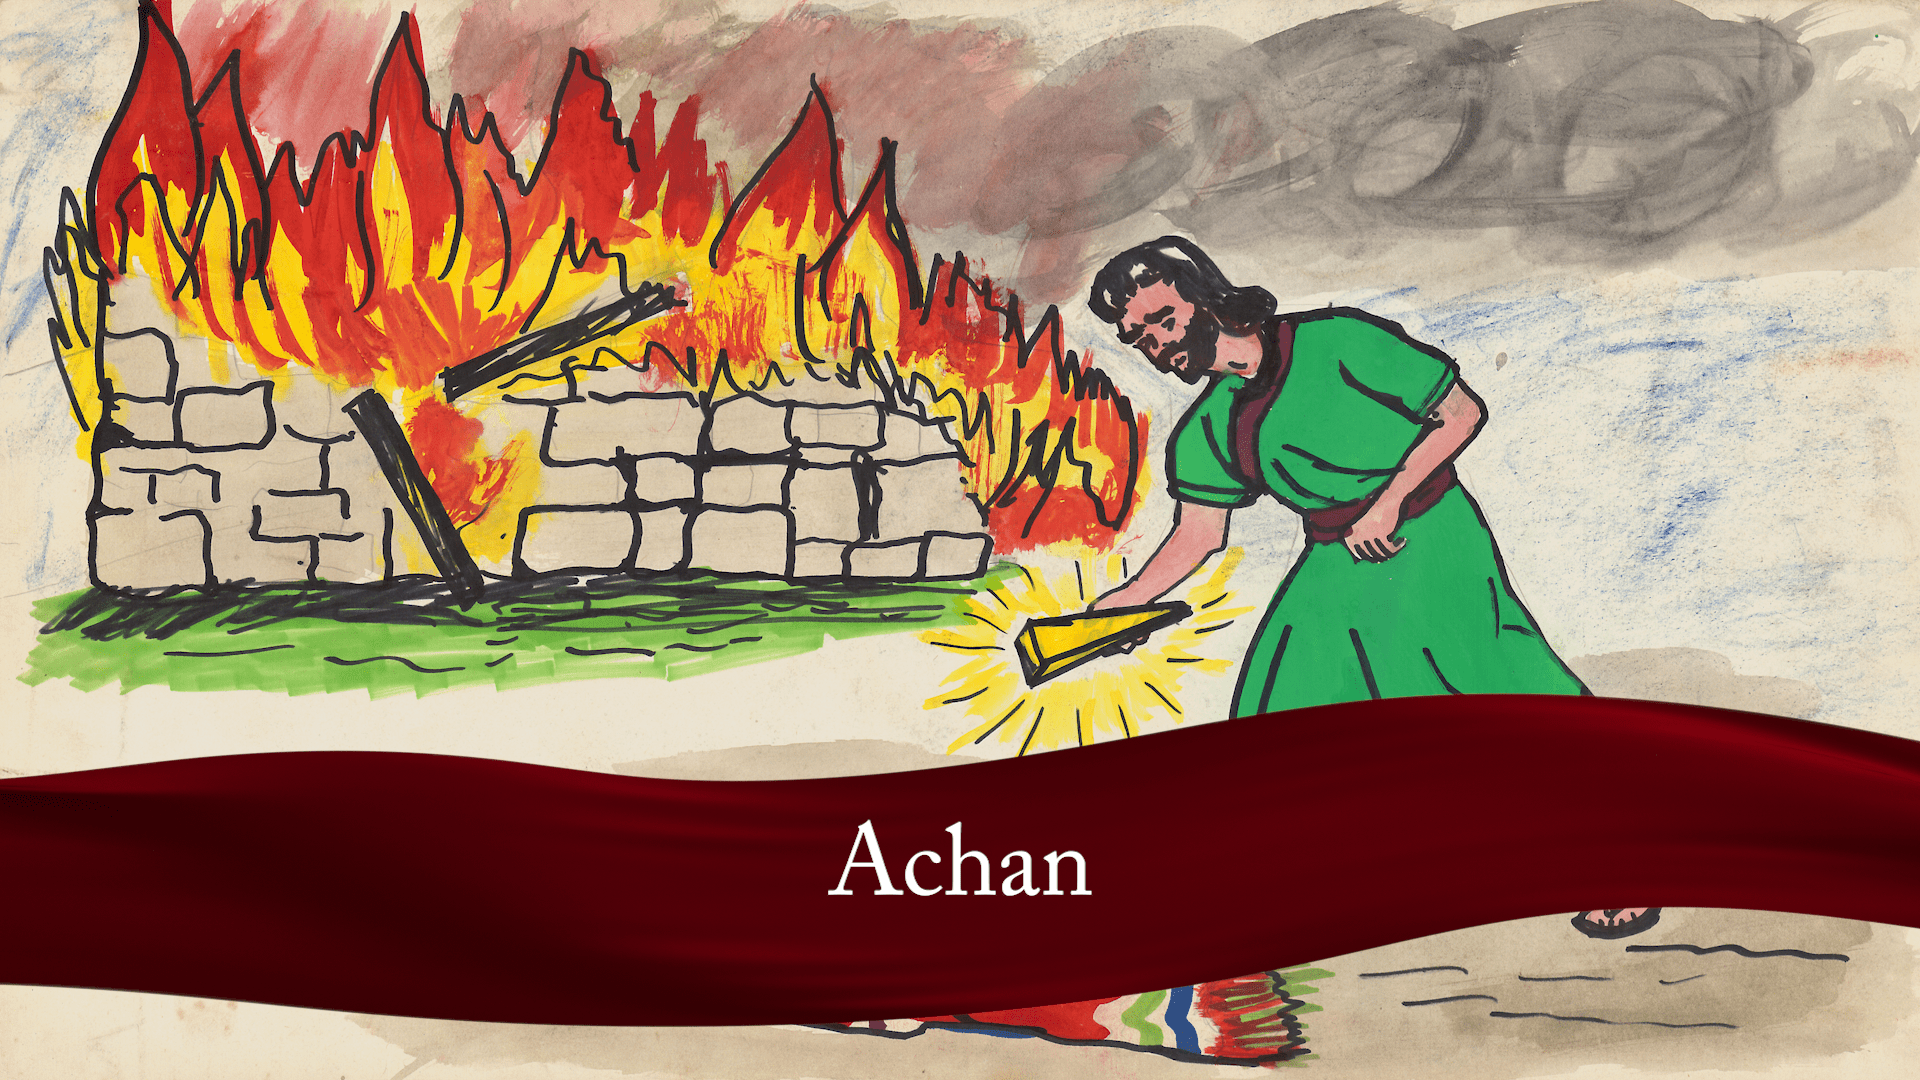 Achan